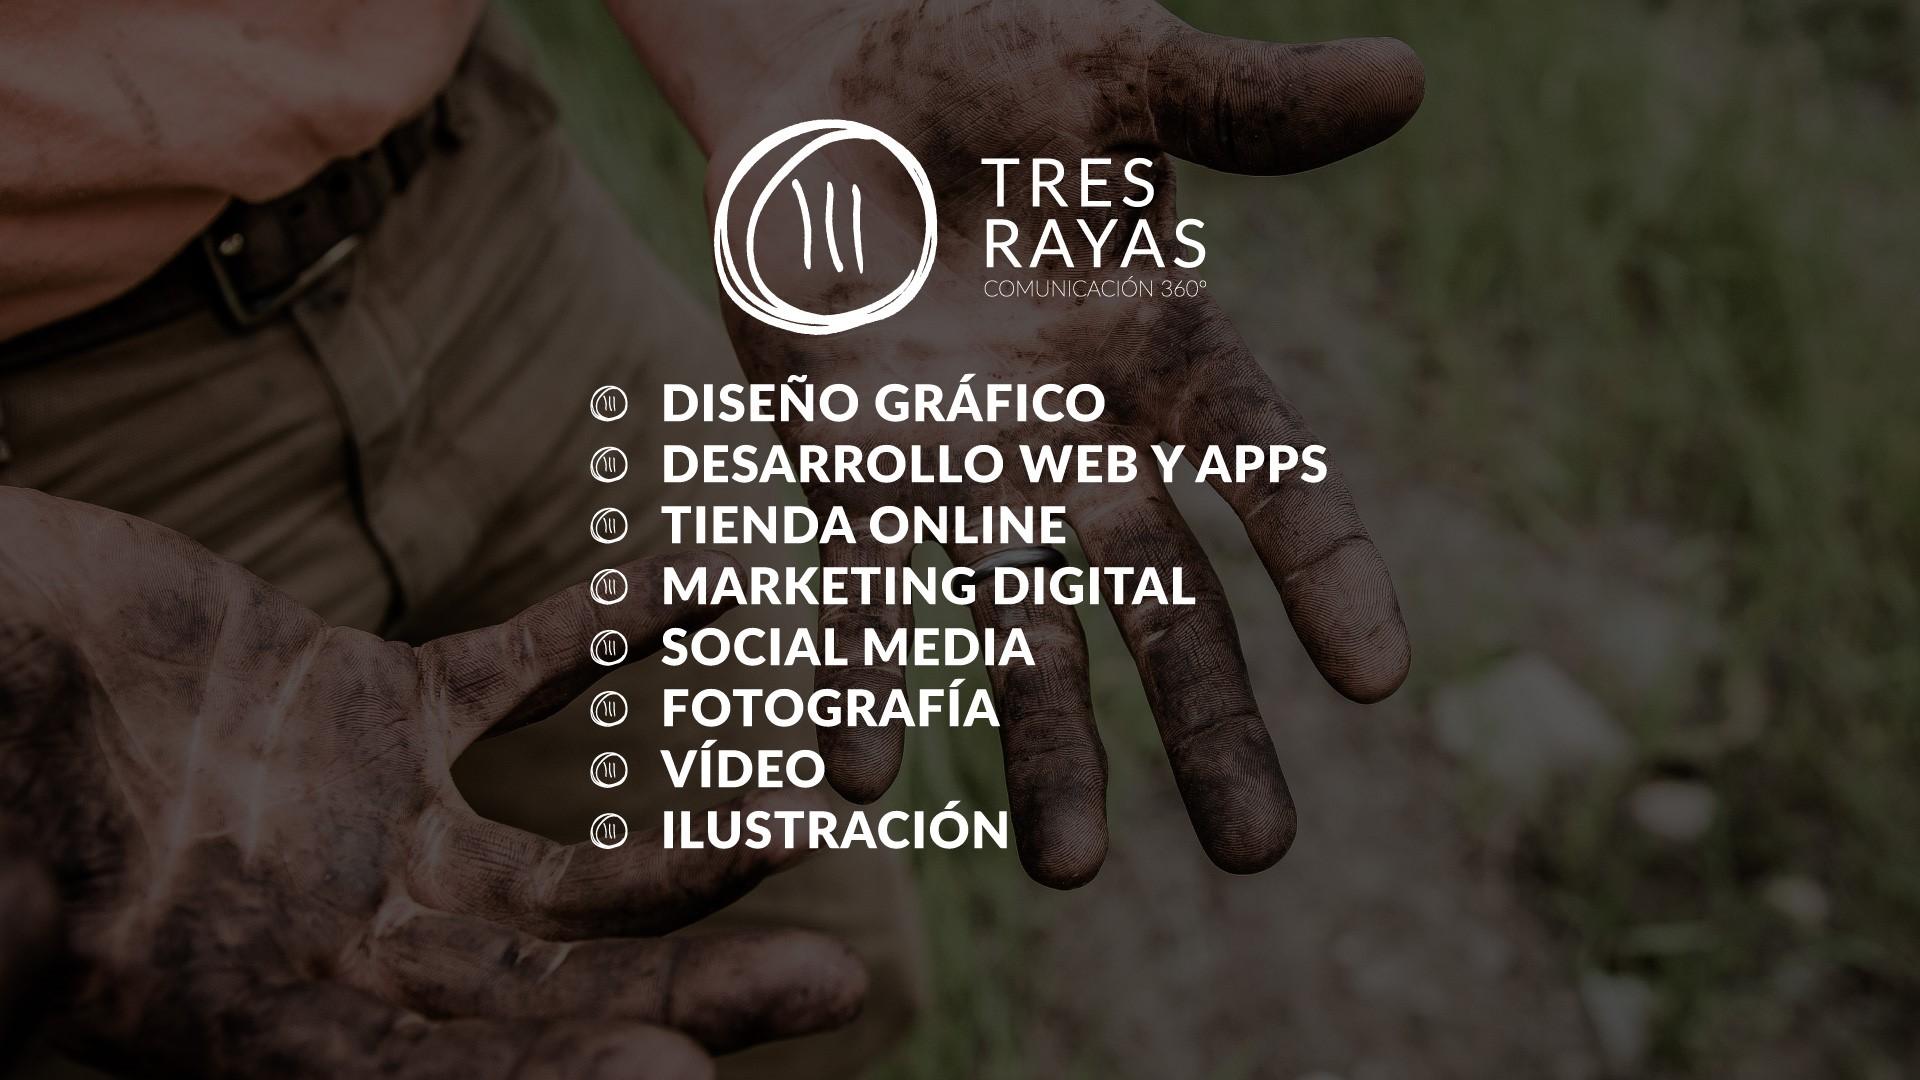 TRES RAYAS COMUNICACIÓN 360: SOLUCIONES